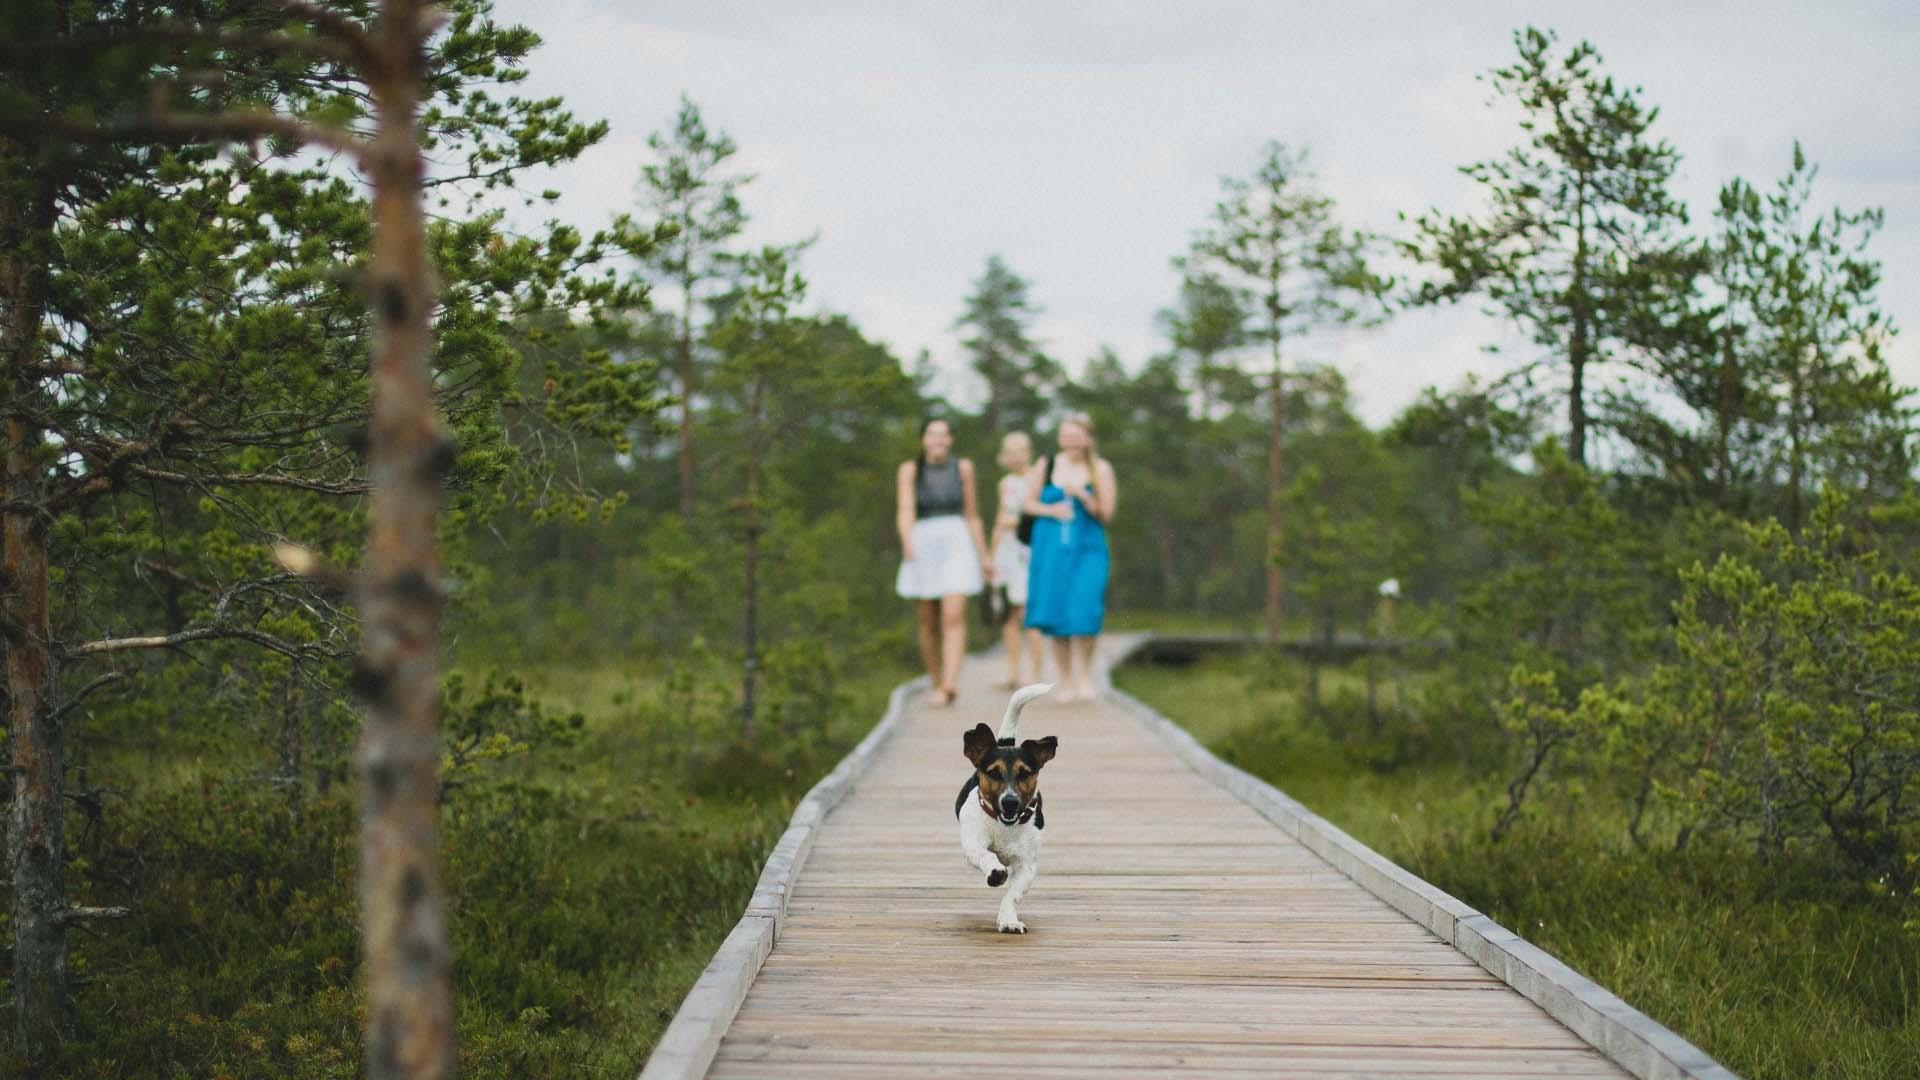 Inpaklijst voor je hond mee op reis [gratis download!] - Woef Welkom